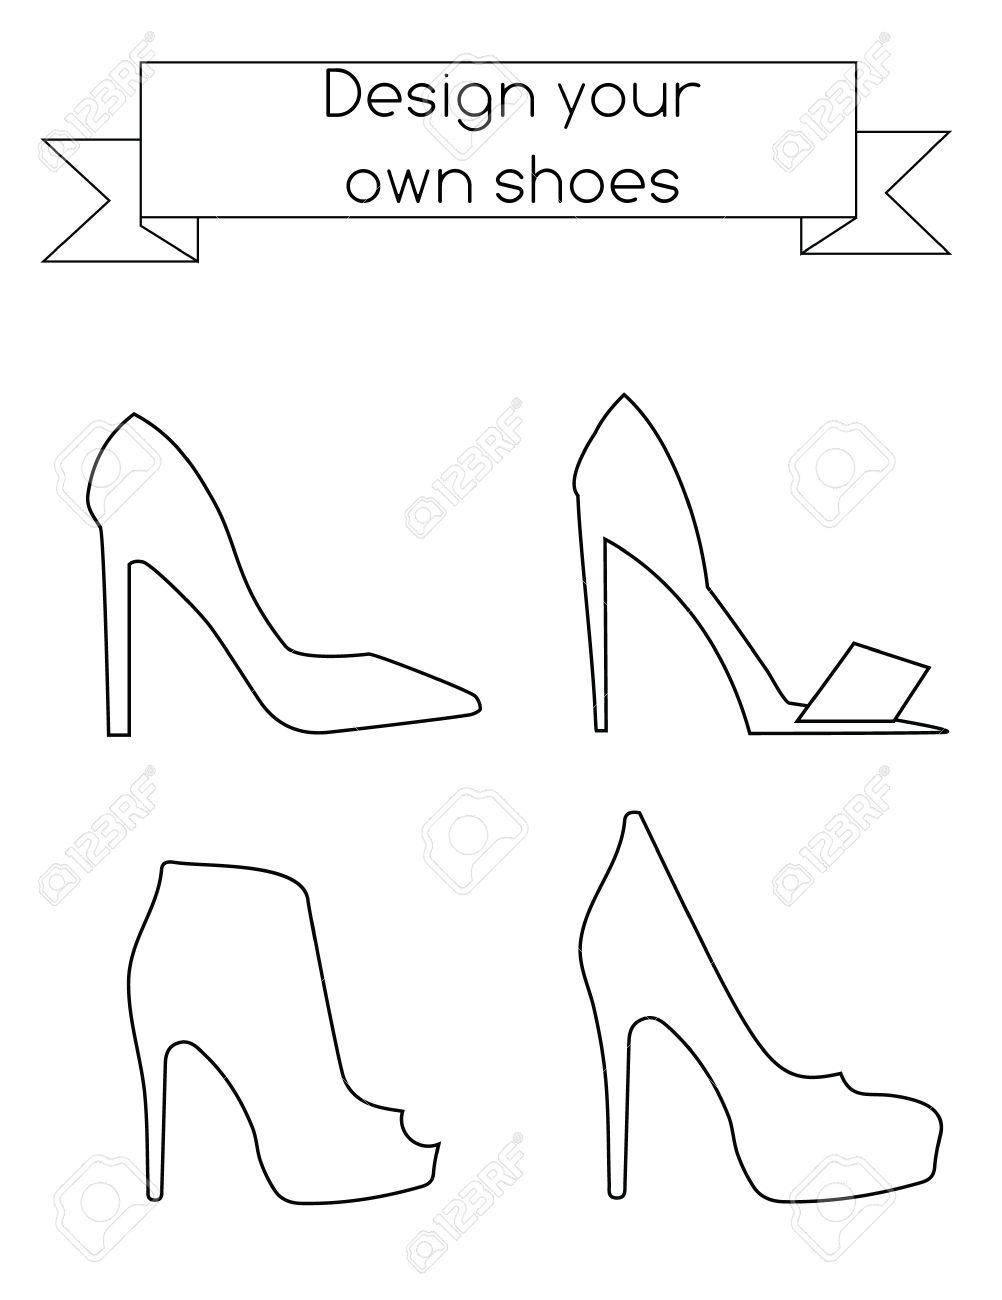 Malvorlagen für Erwachsene Schuhe